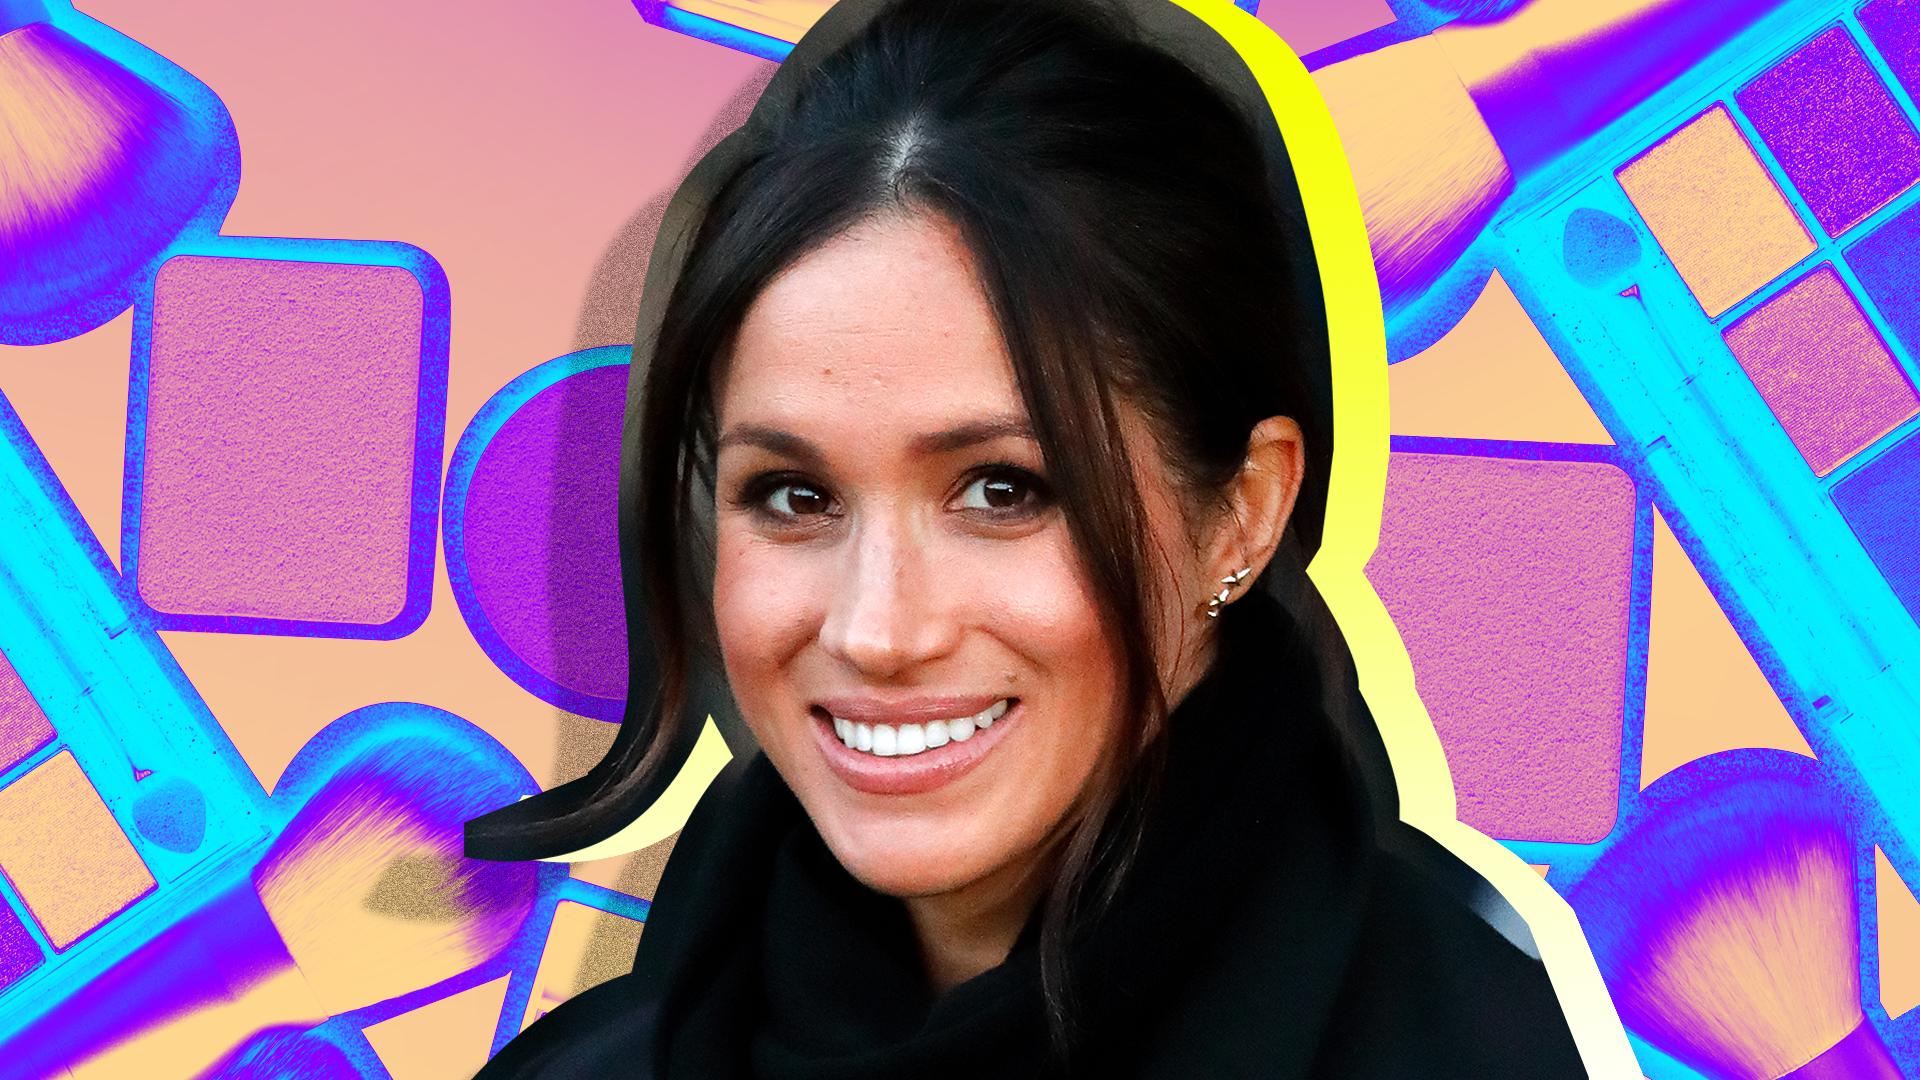 20 Beauty Products Meghan Markle Swears By for a Princess-Like Glow